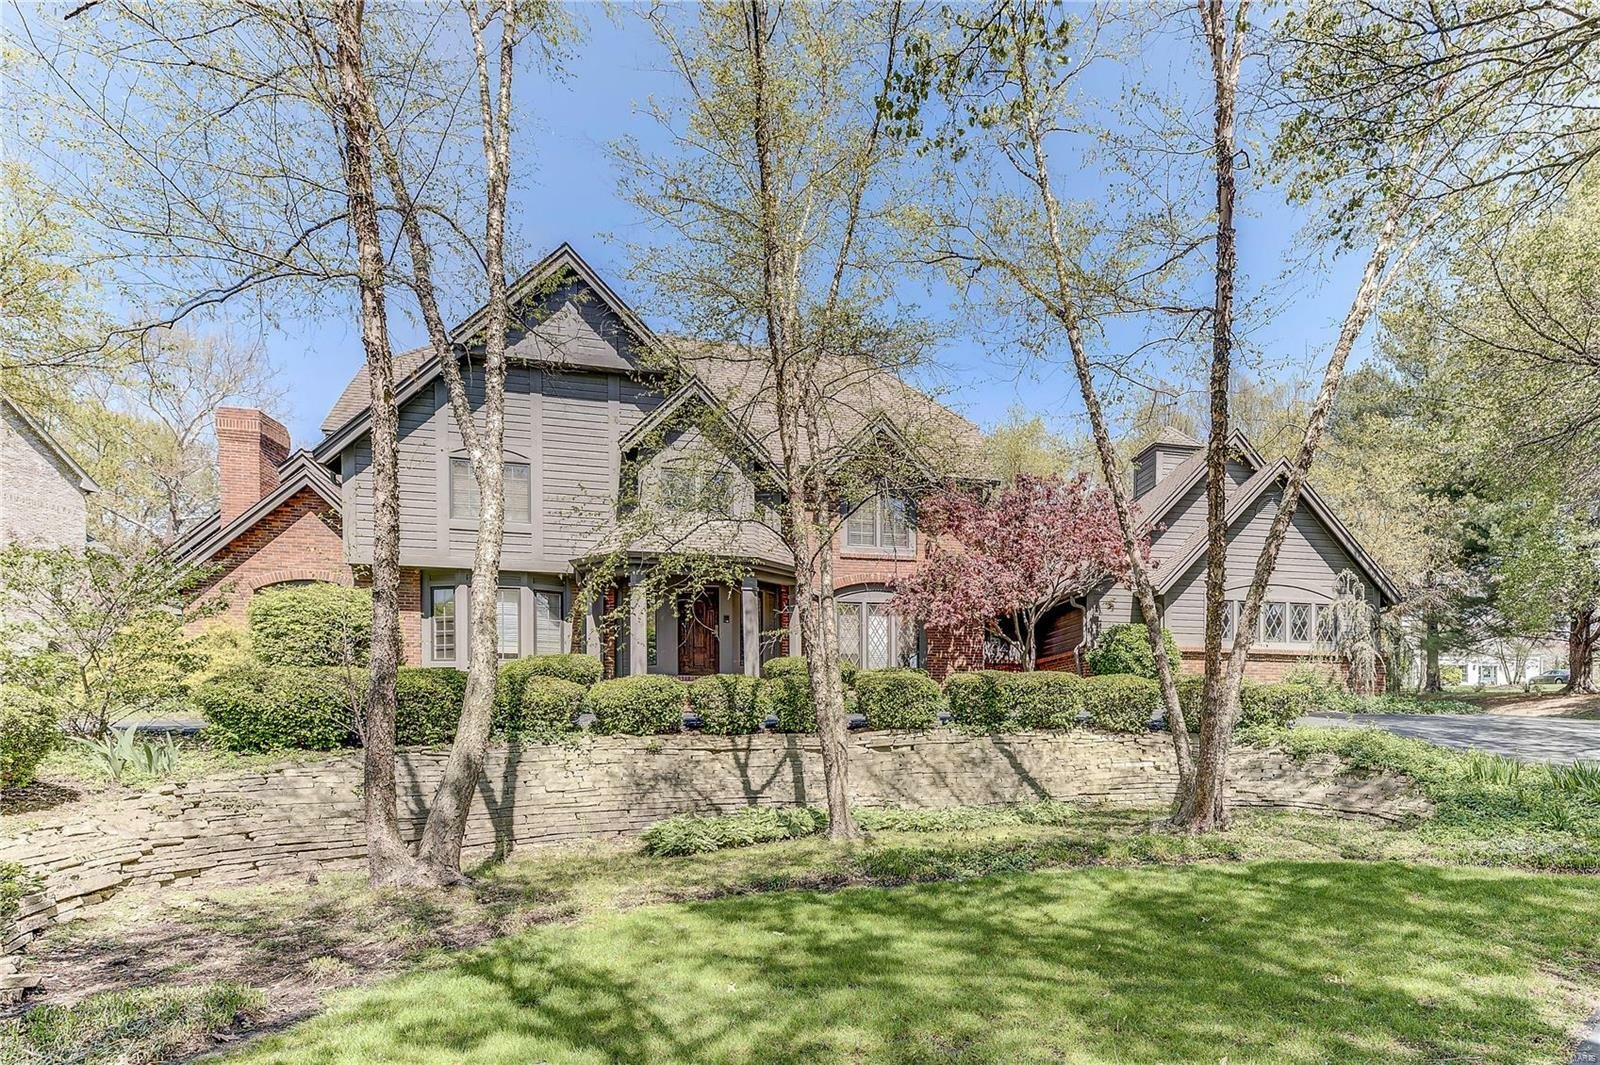 Casa a Creve Coeur, Missouri, Stati Uniti 1 - 11429776